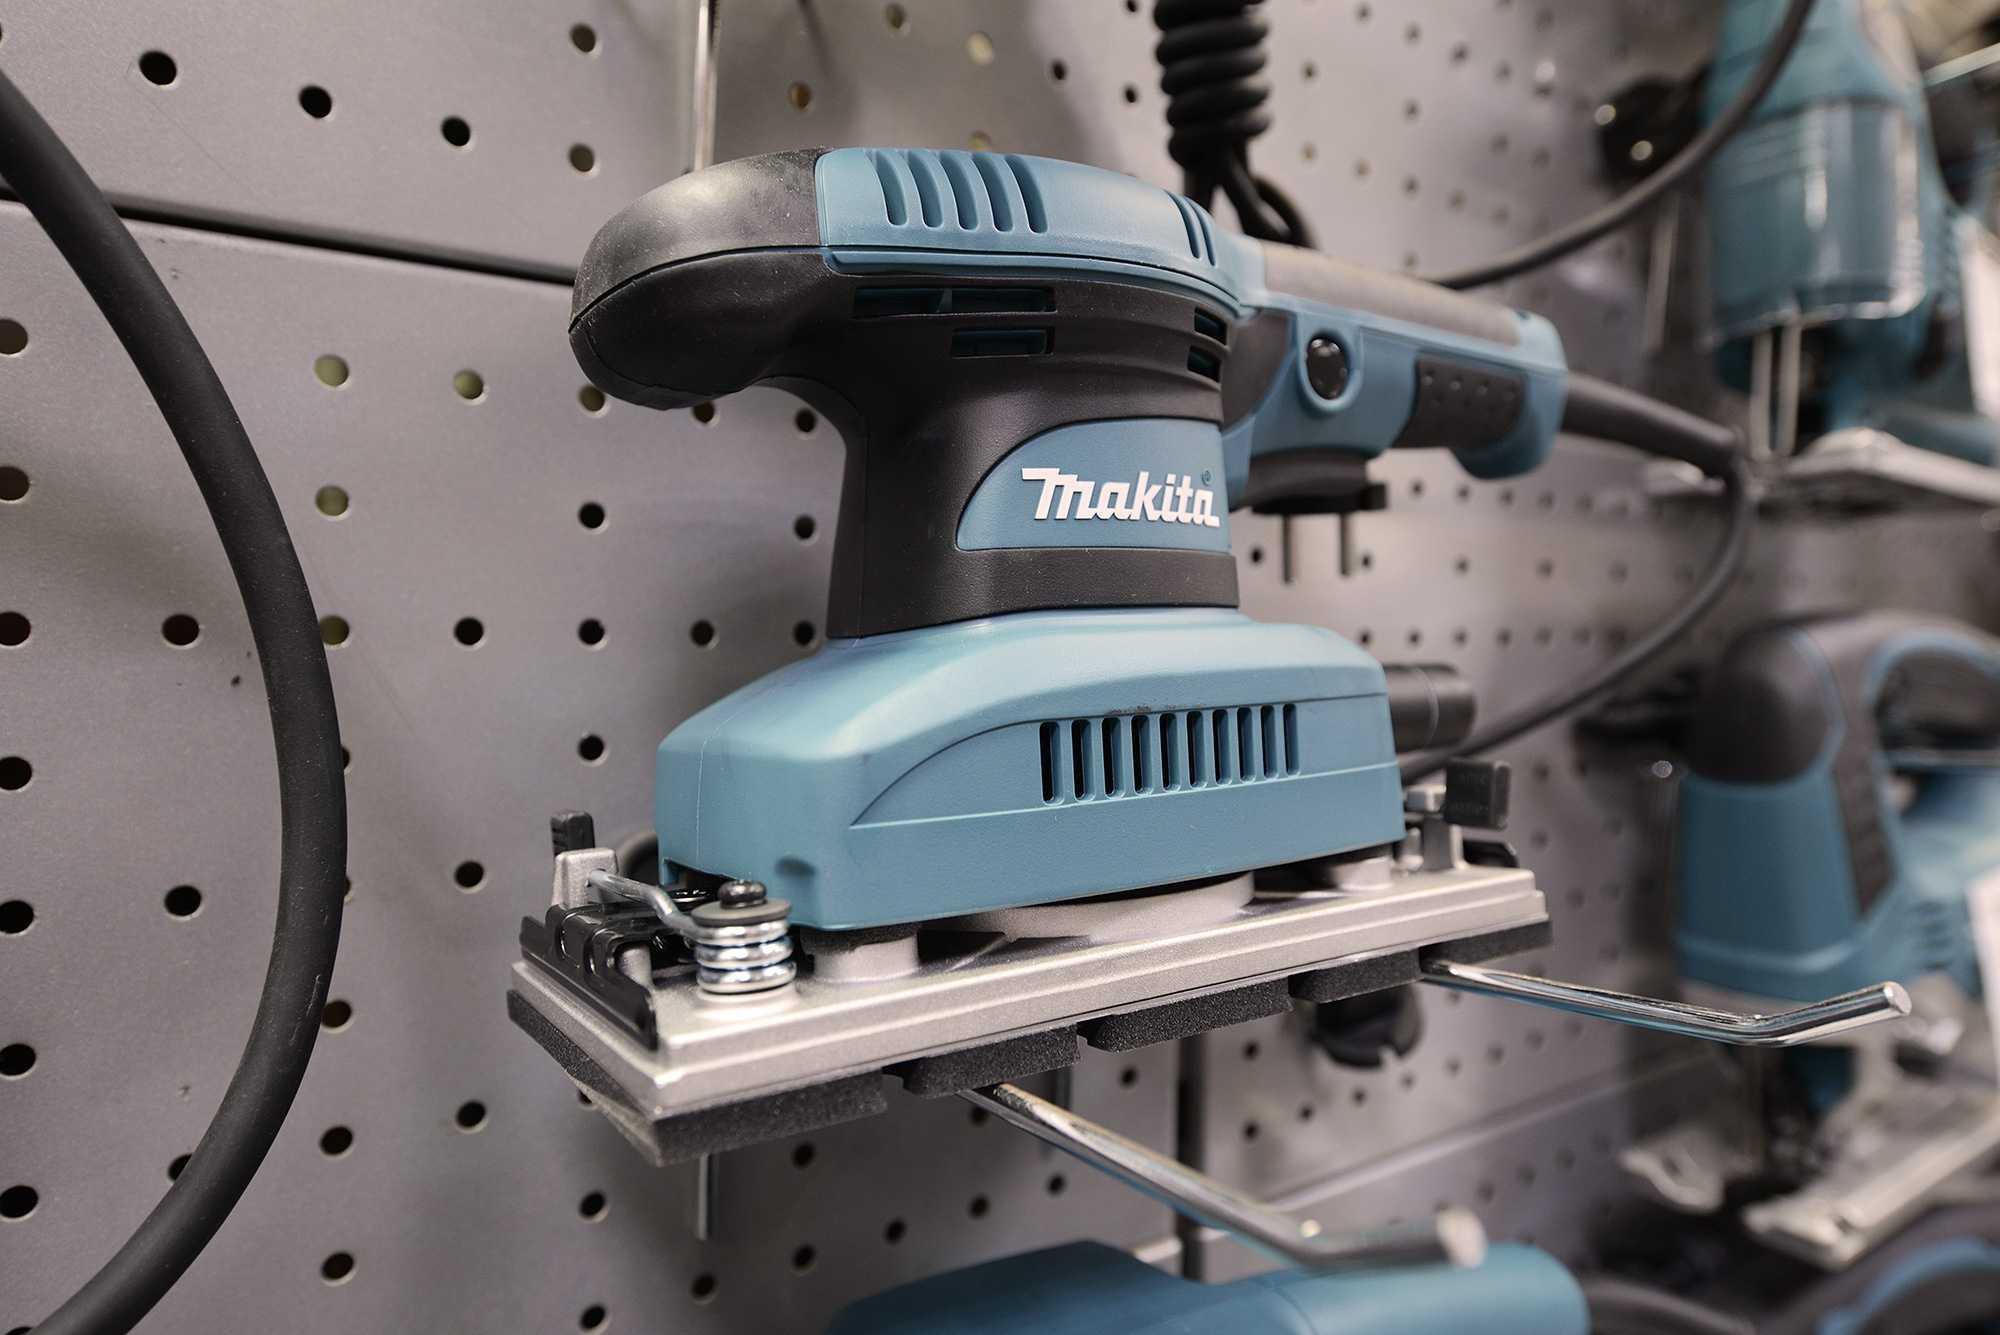 Шлифовальные машинки по дереву: ленточные, вибрационные, эксцентриковые, лепестковые, рейтинг лучших моделей, их плюсы и минусы, как выбрать подходящую